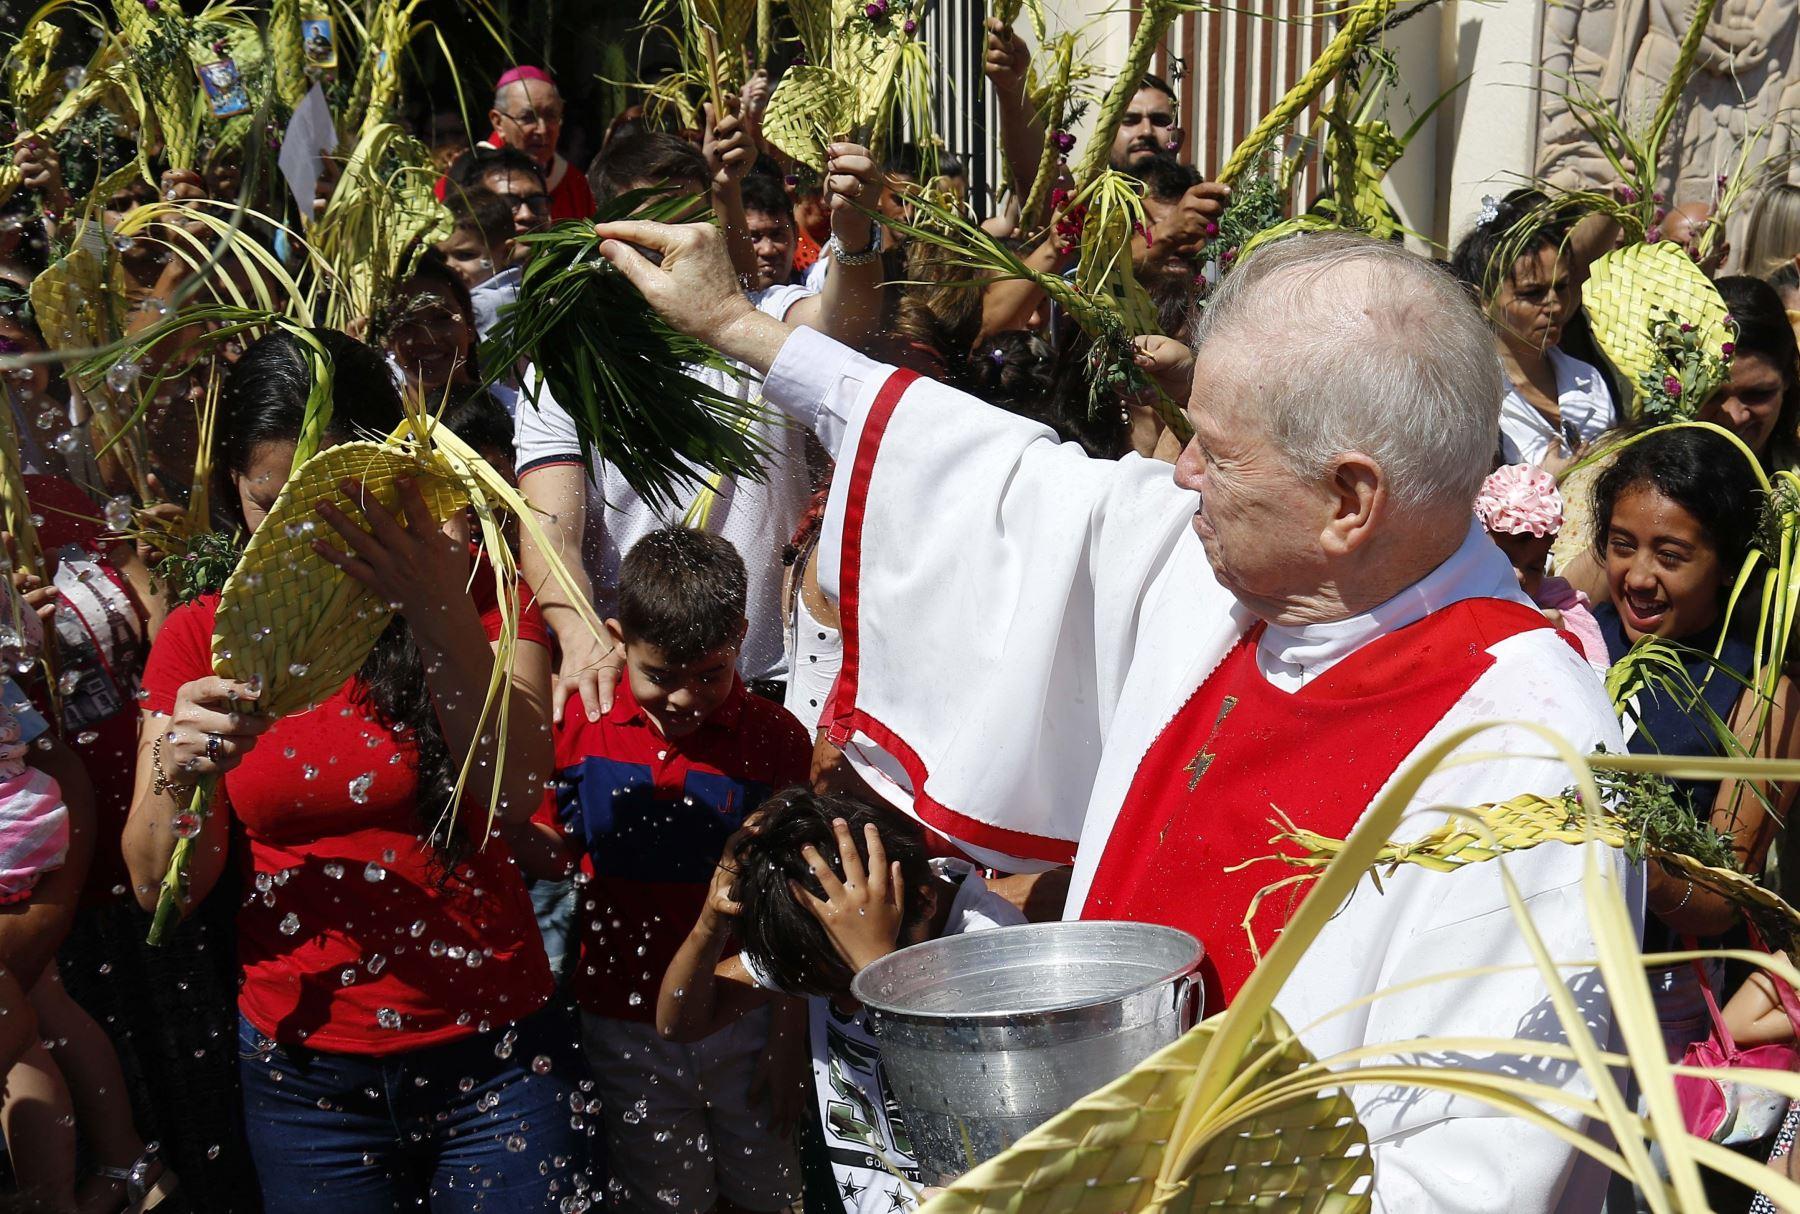 Un sacerdote bendice las palmas durante la celebración del Domingo de Ramos een la Catedral Metropolitana en Asunción (Paraguay). Foto:EFE